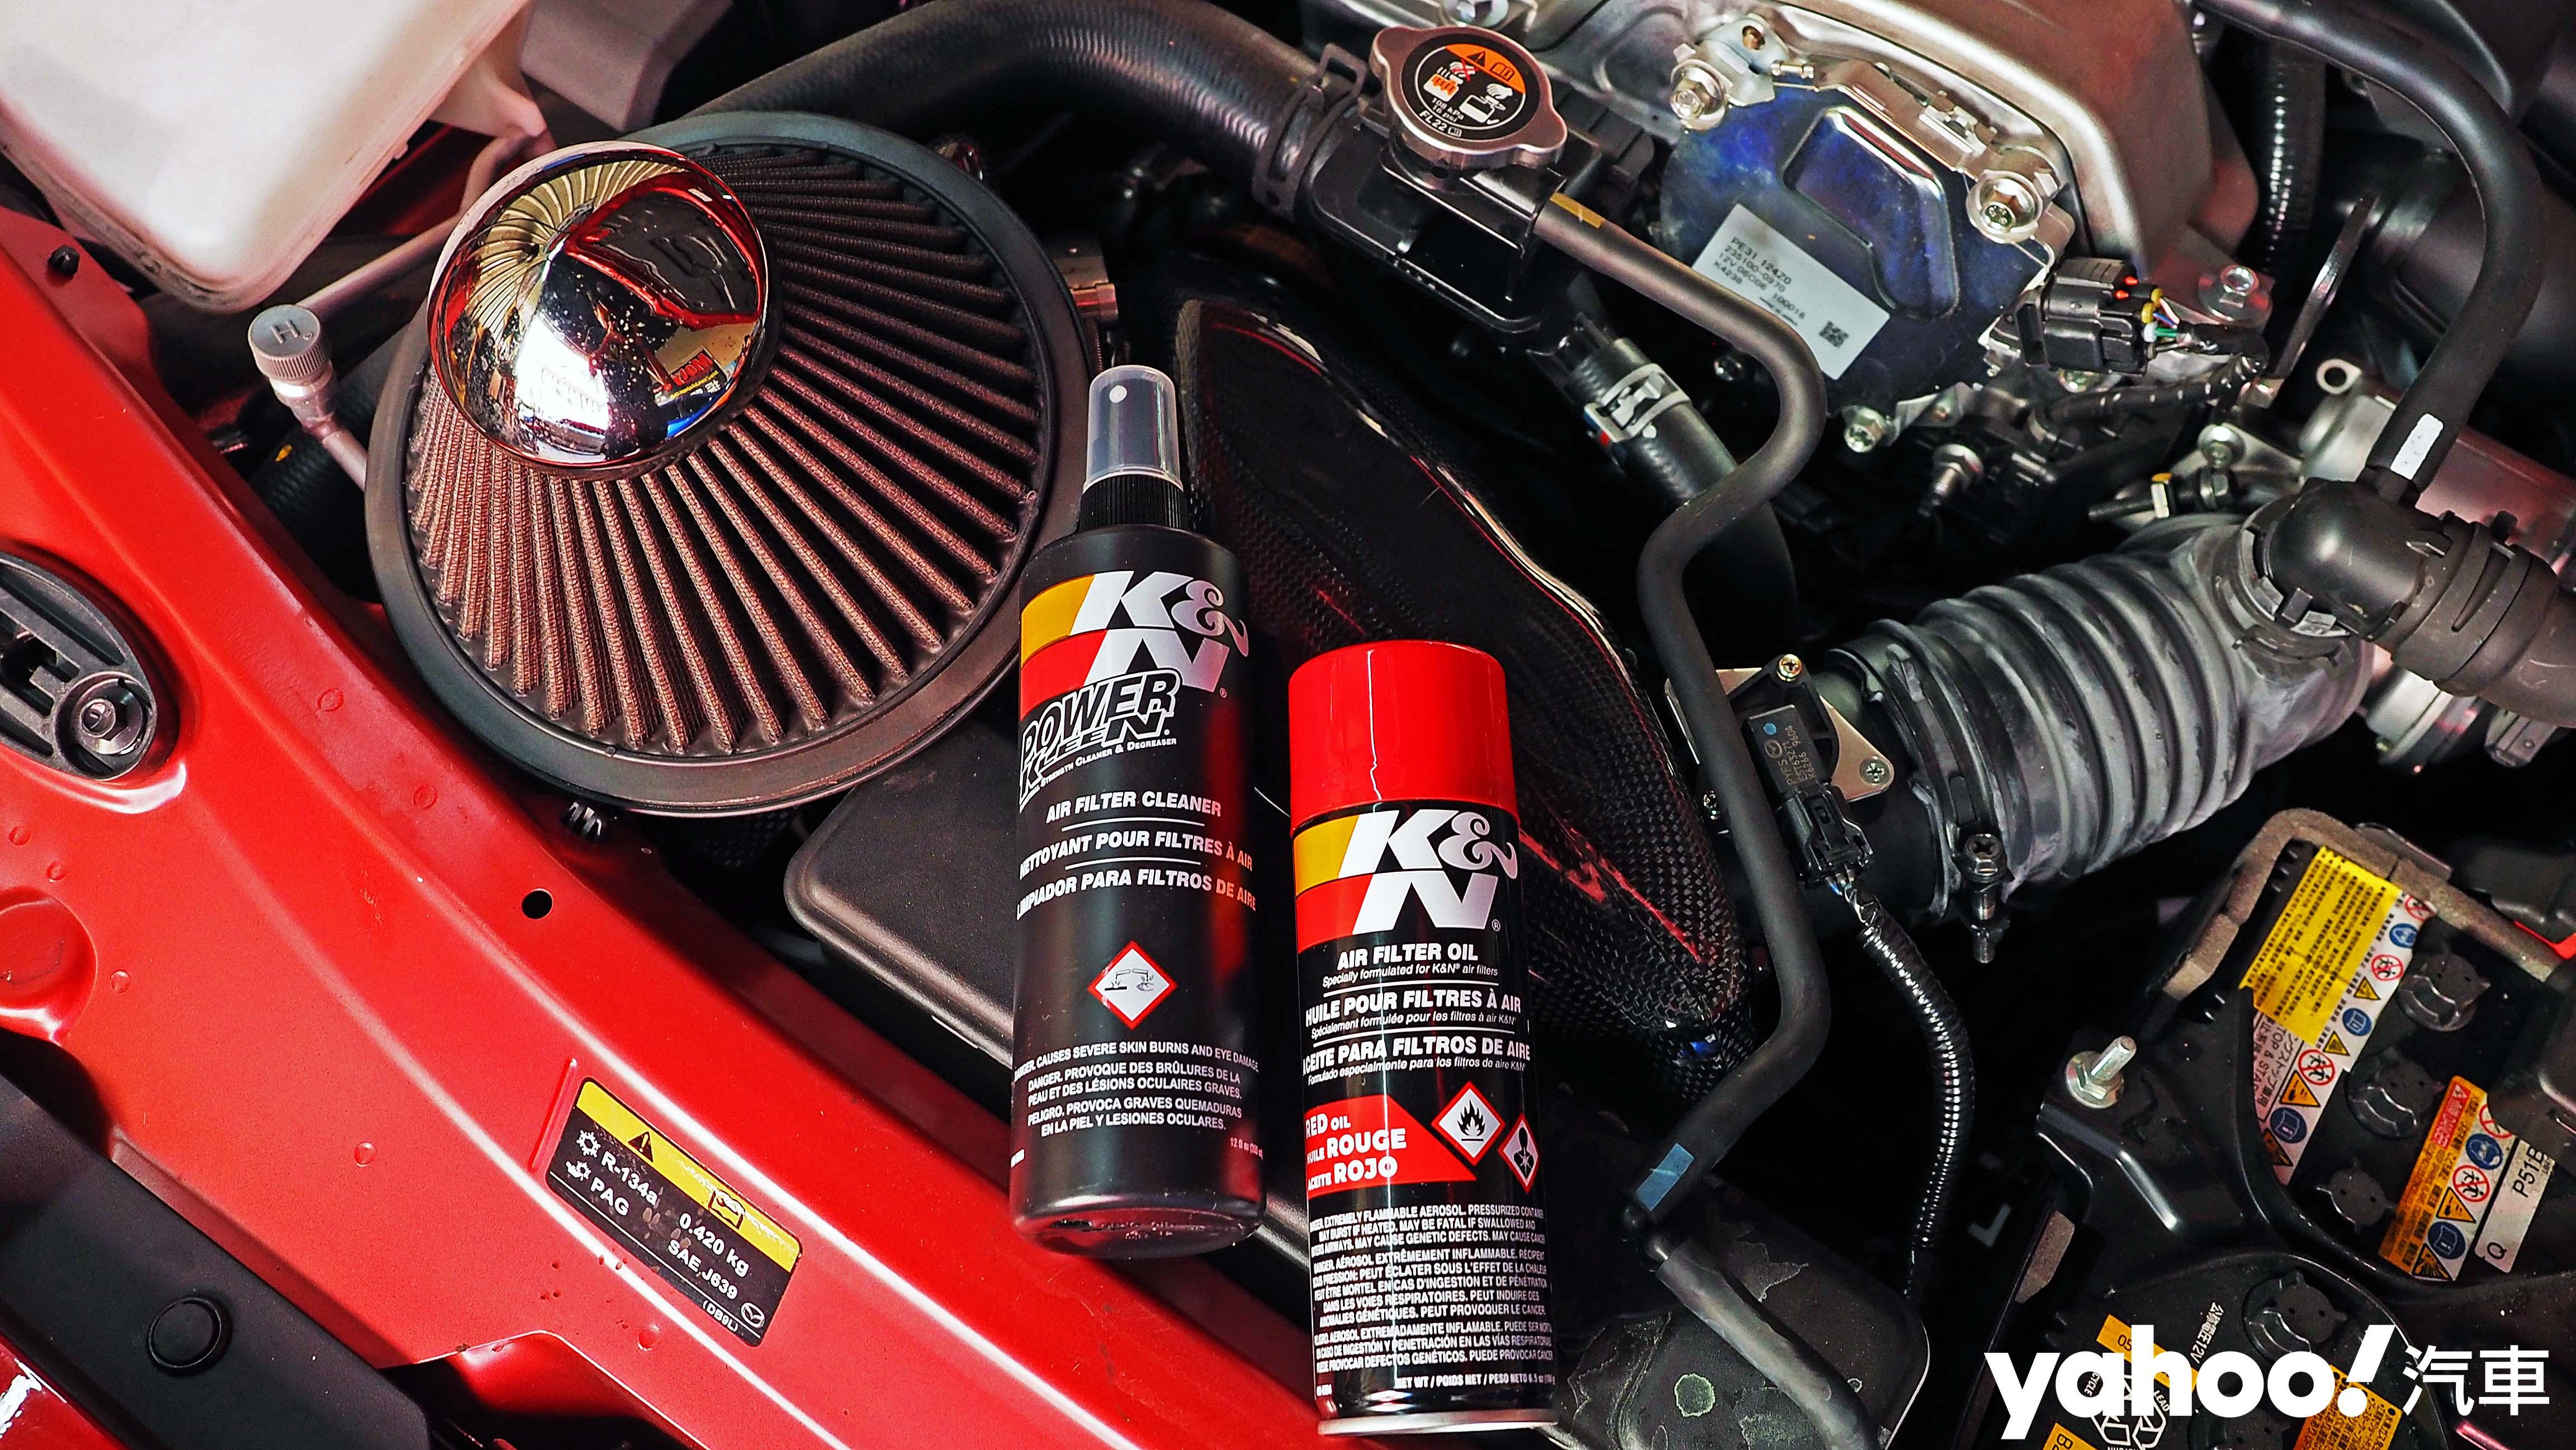 大口吸氣更帶勁!K&N高流量空氣濾芯與專用清潔保養組超划算開箱!